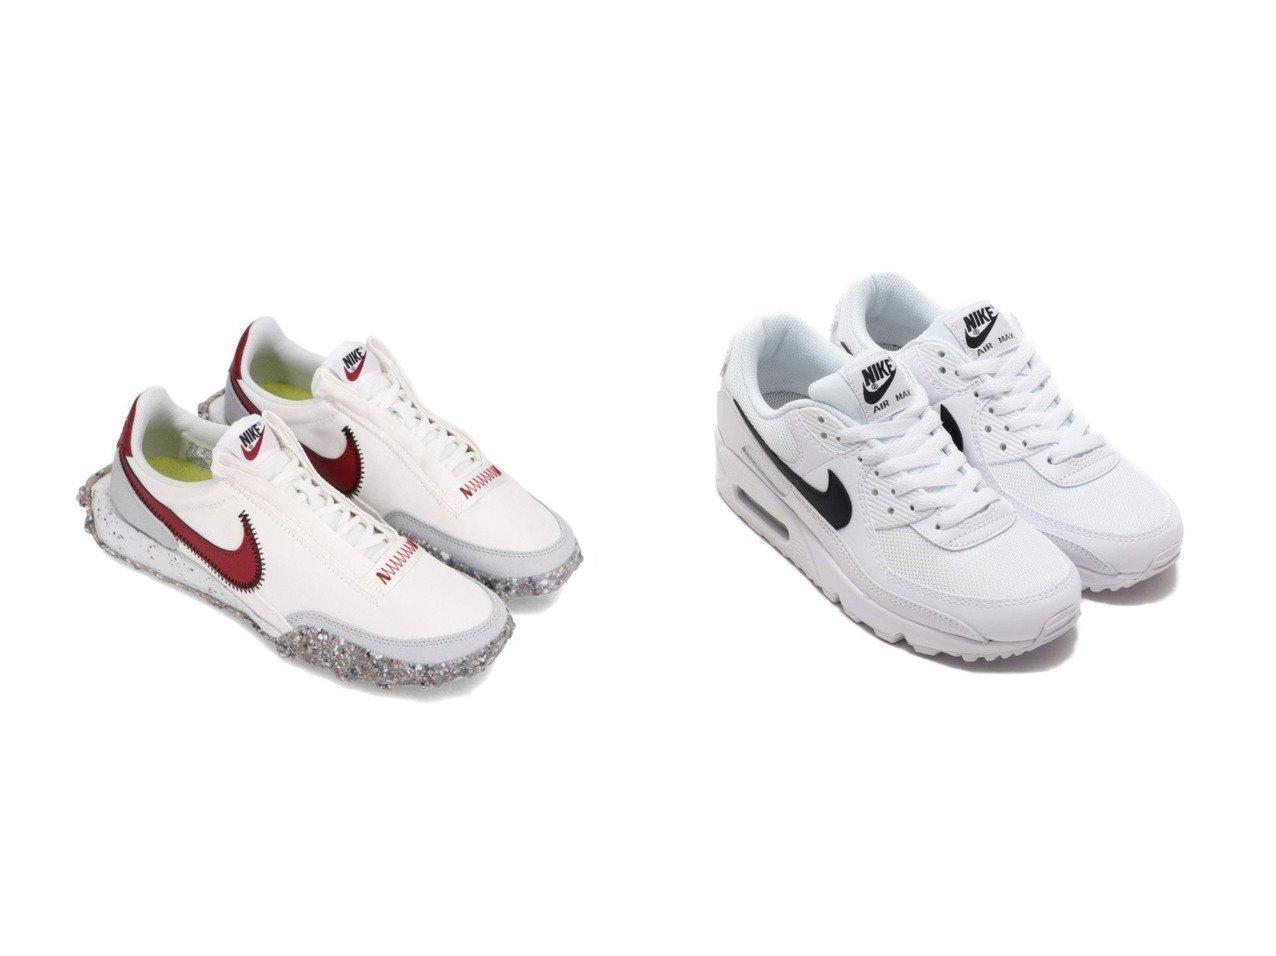 【NIKE/ナイキ】のNIKE W AIR MAX 90&NIKE WAFFLE RACER CRATER 【シューズ・靴】おすすめ!人気、トレンド・レディースファッションの通販  おすすめで人気の流行・トレンド、ファッションの通販商品 メンズファッション・キッズファッション・インテリア・家具・レディースファッション・服の通販 founy(ファニー) https://founy.com/ ファッション Fashion レディースファッション WOMEN シューズ スニーカー スリッポン モダン ラバー ワッフル ランニング |ID:crp329100000027365